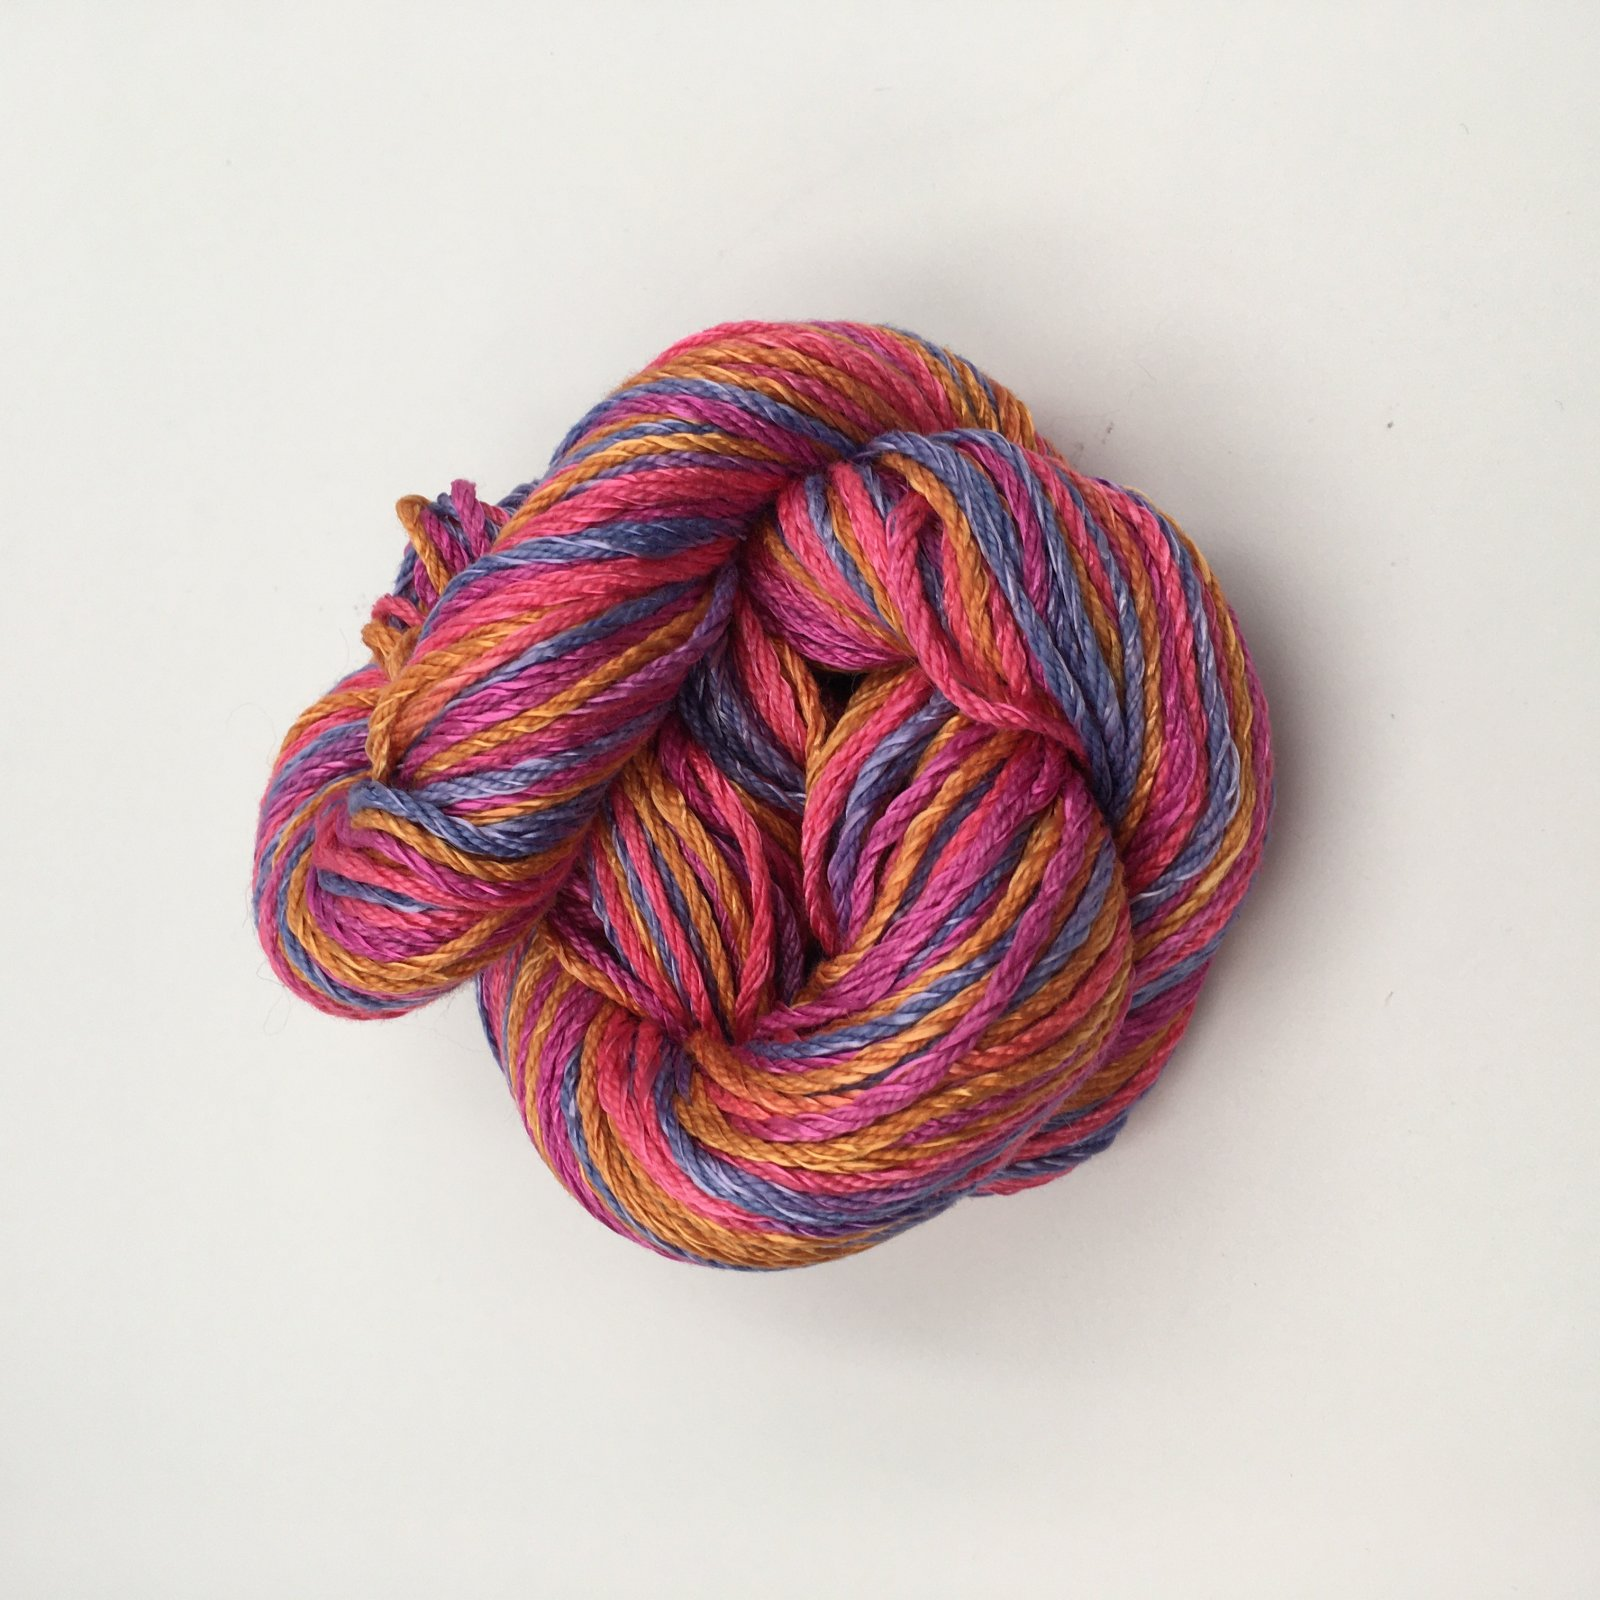 Berroco Cotton Twist - 8484